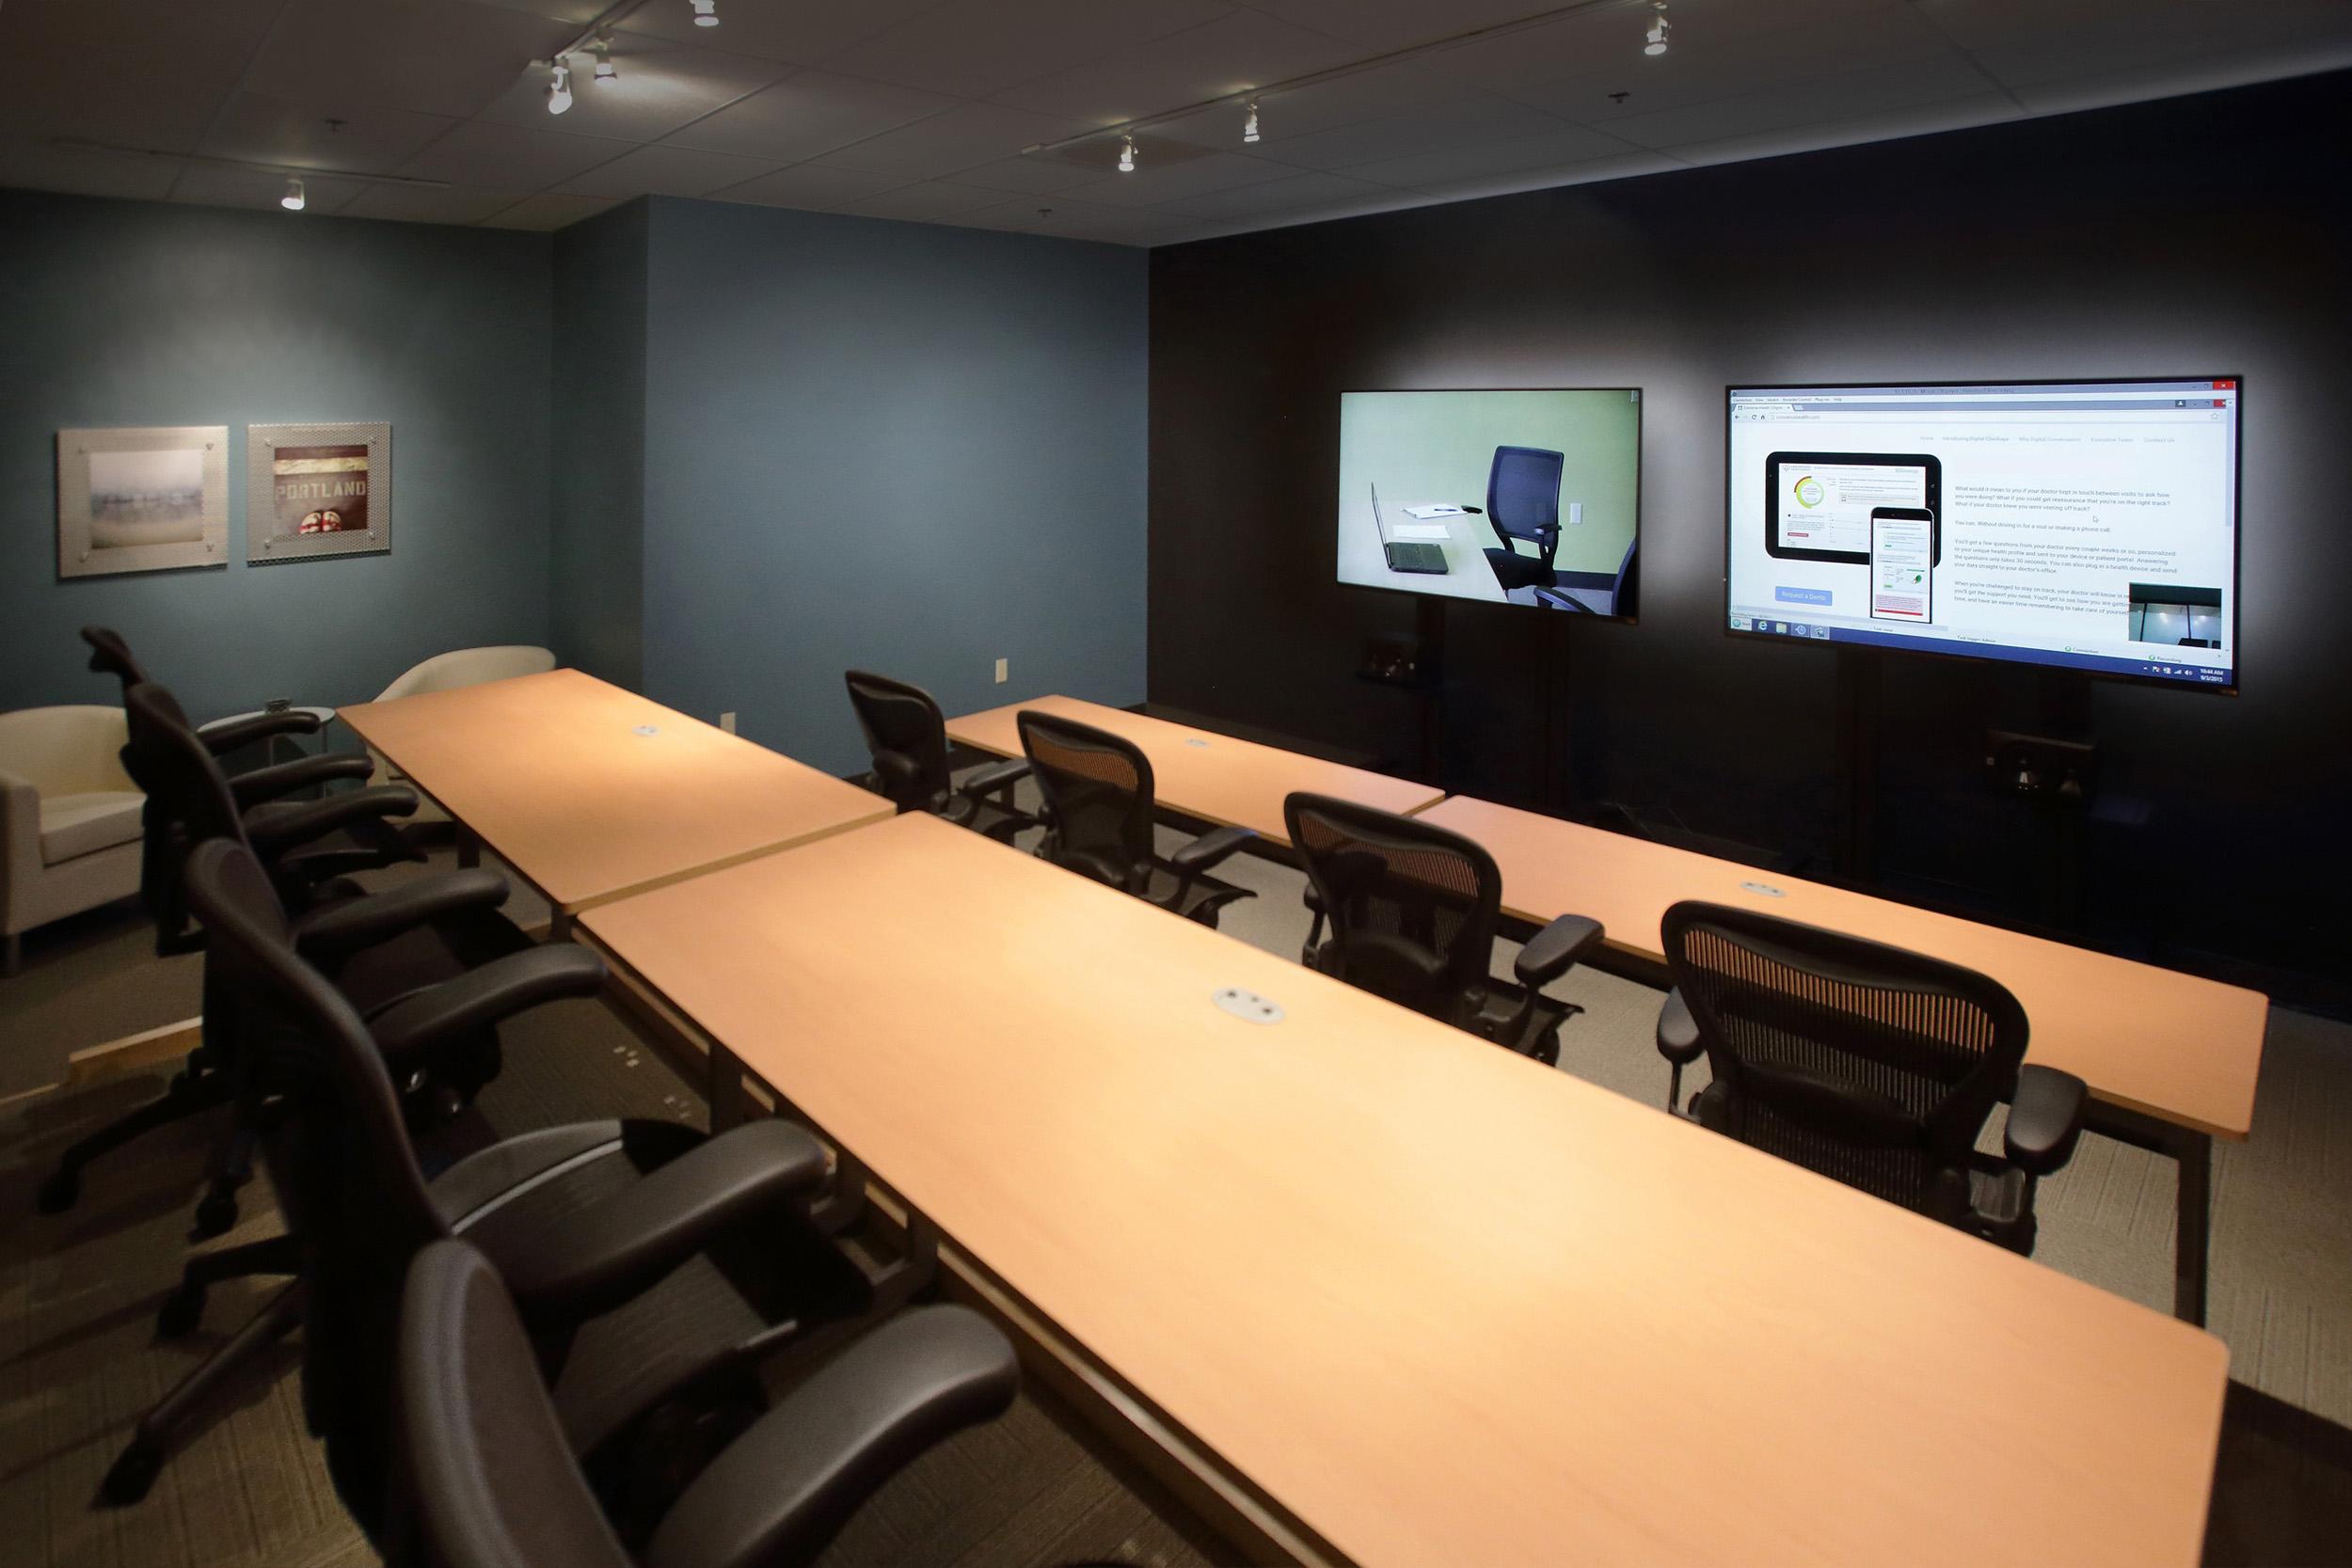 Portland Focus Group Observation Room